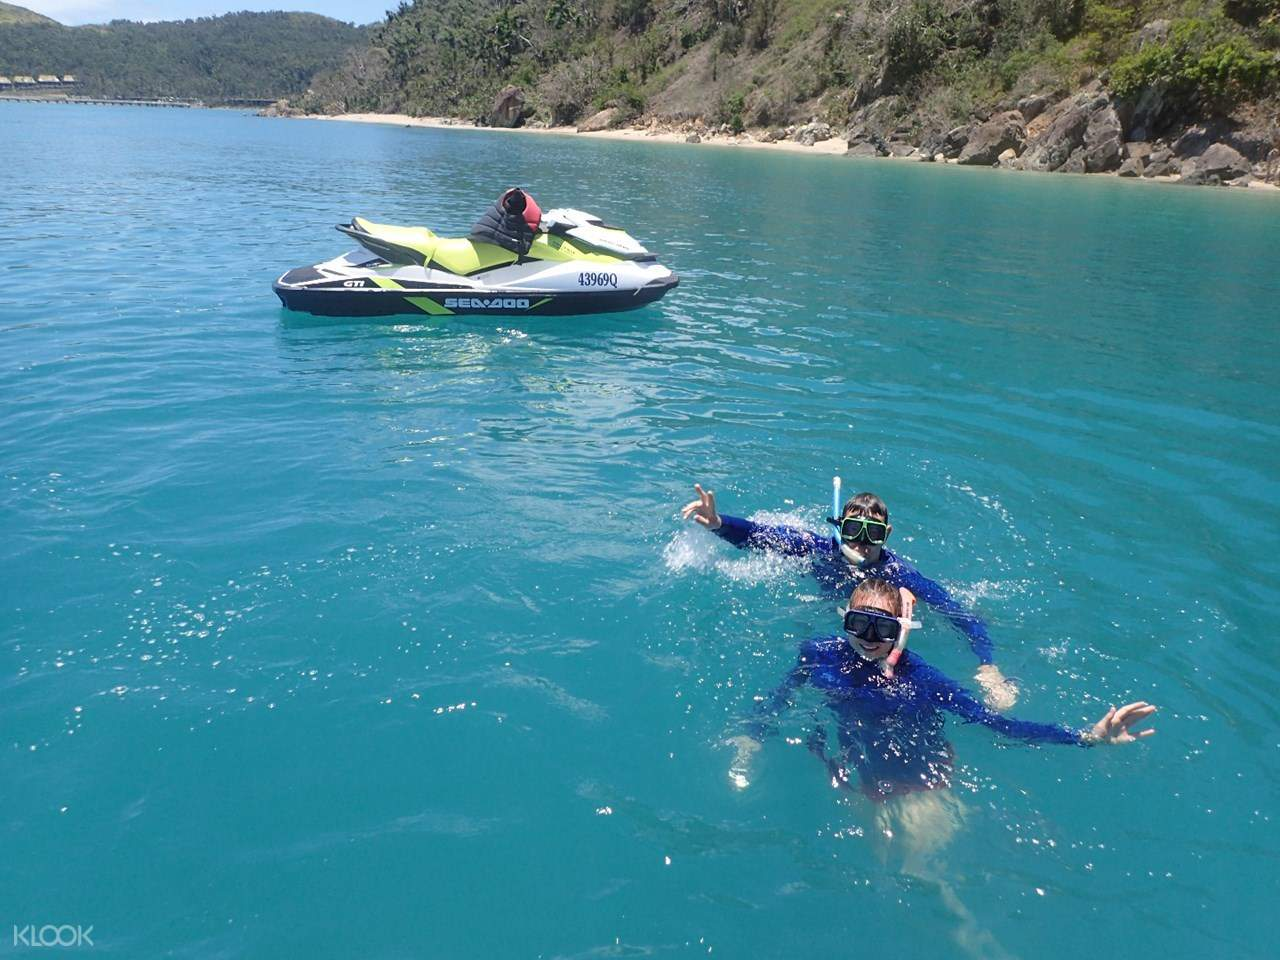 圣灵群岛水上活动